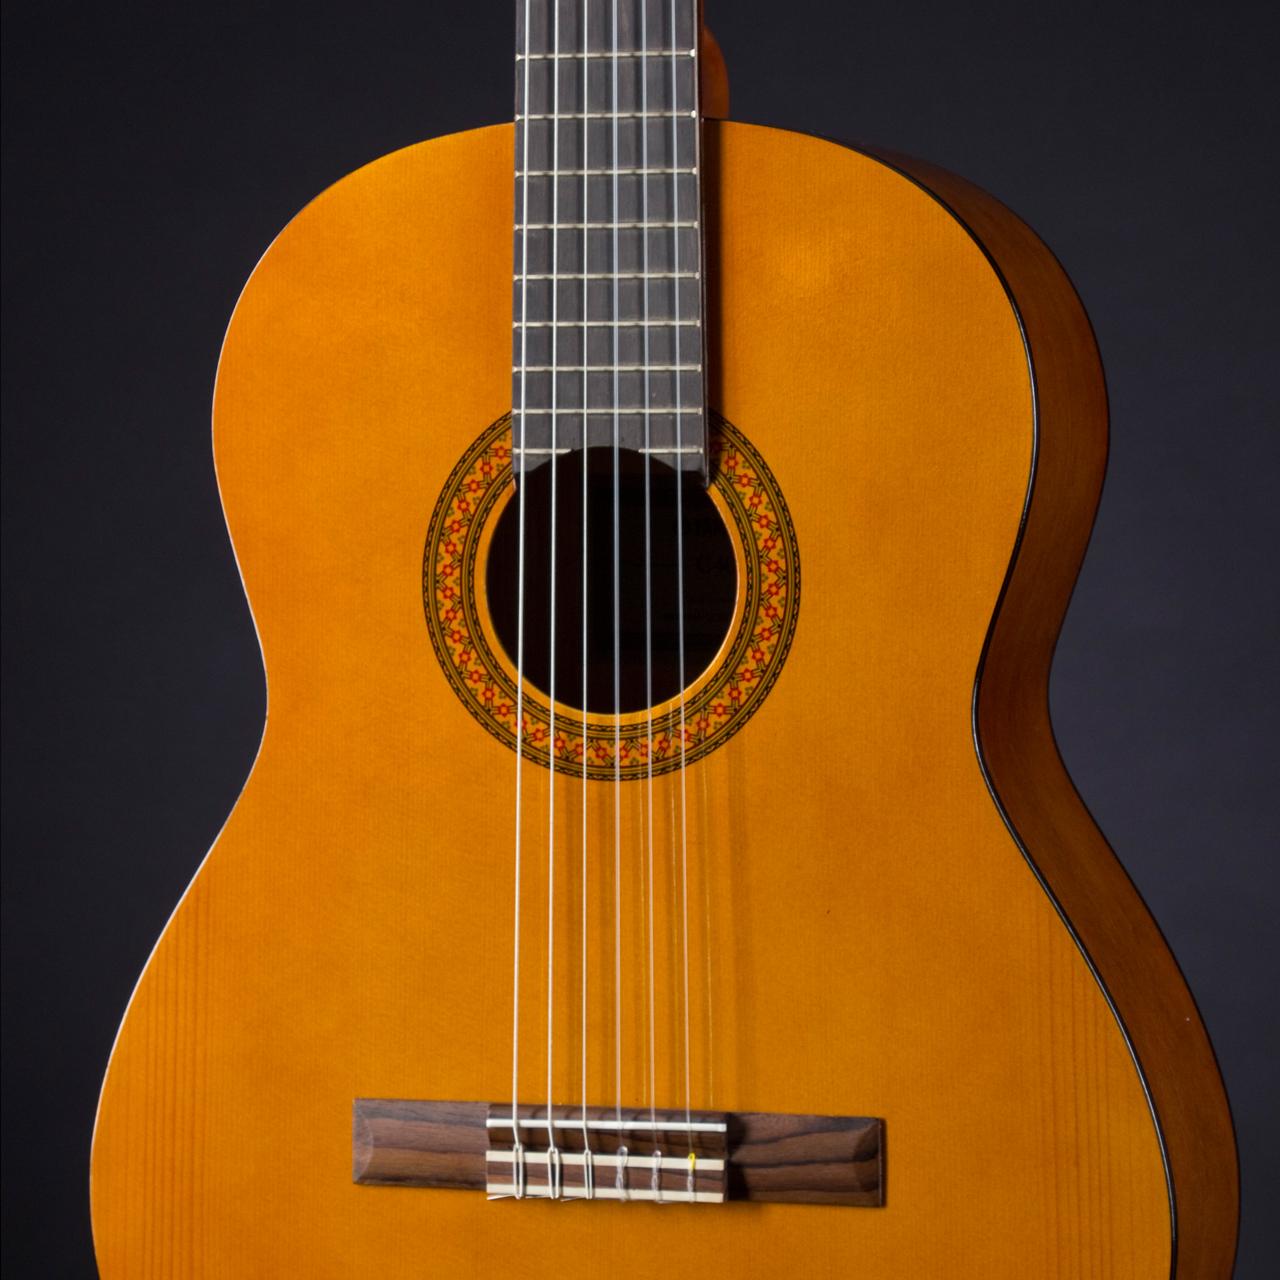 Jual Gitar Yamaha C